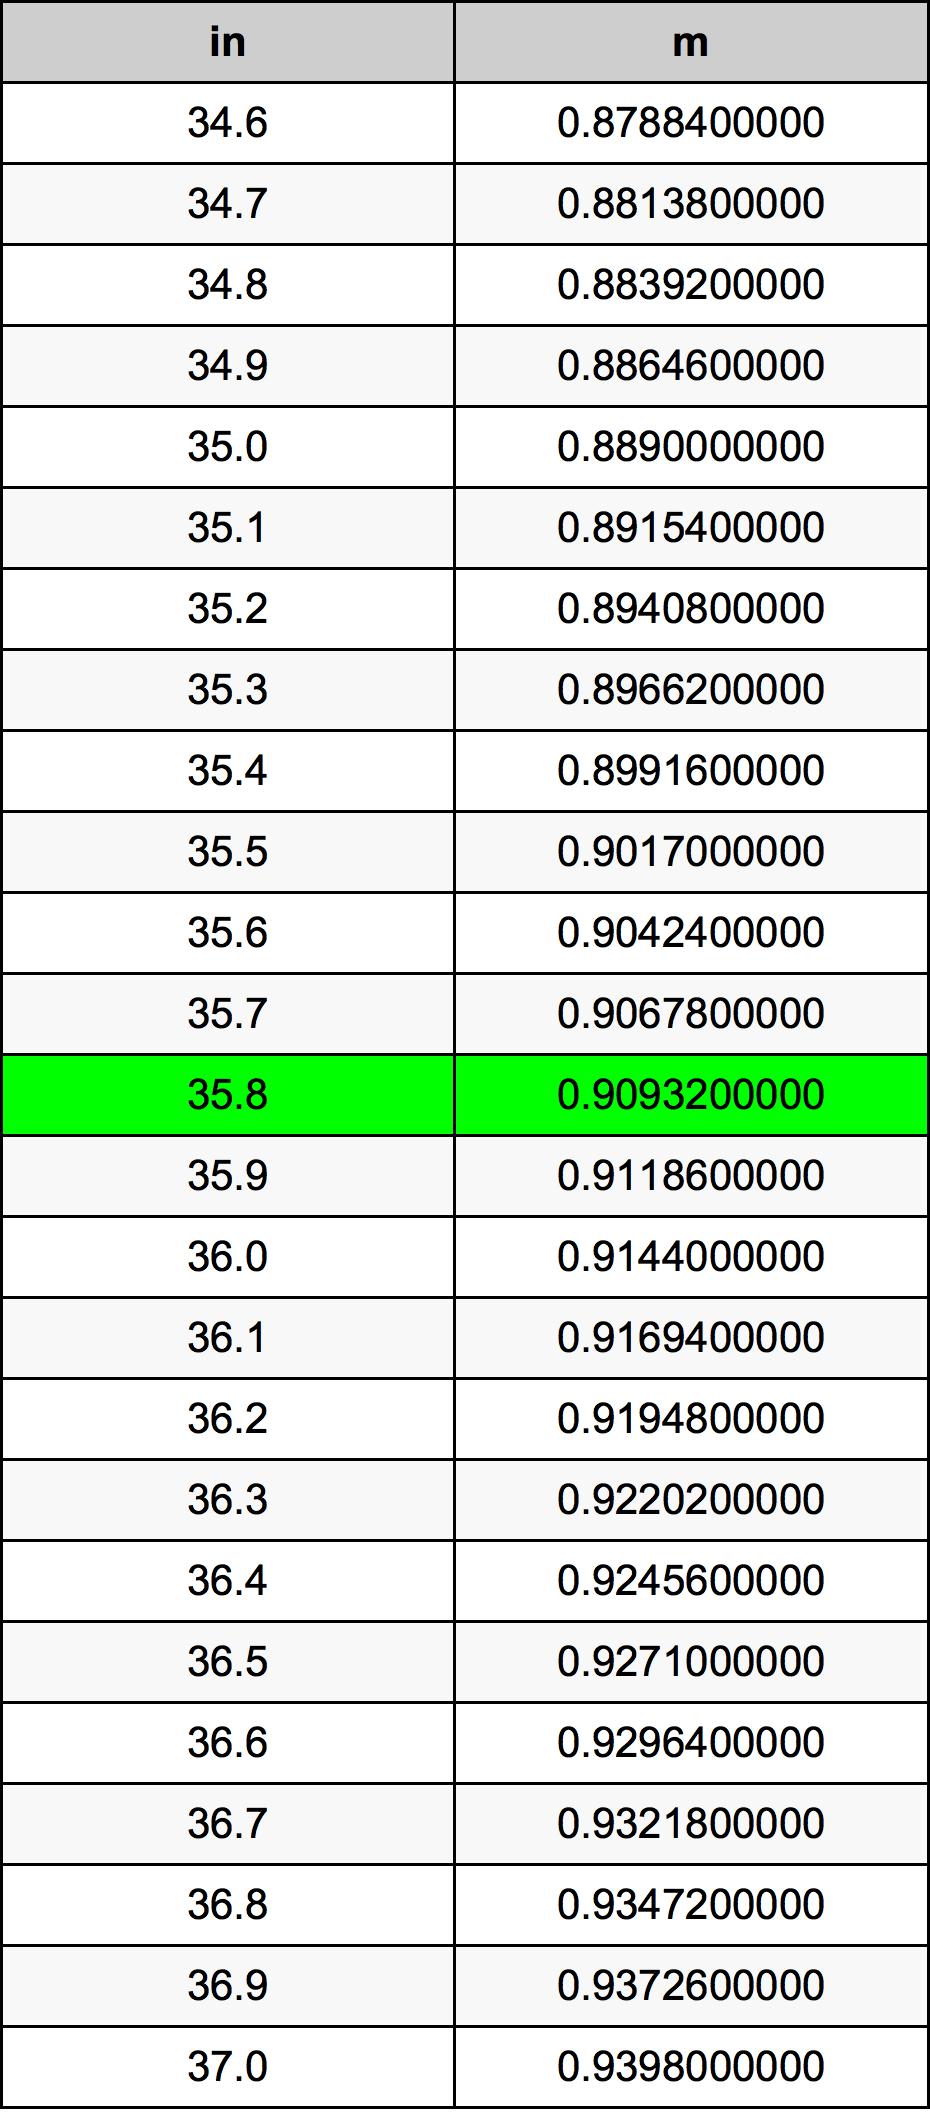 35.8 ίντσα Πίνακας Μετατροπής